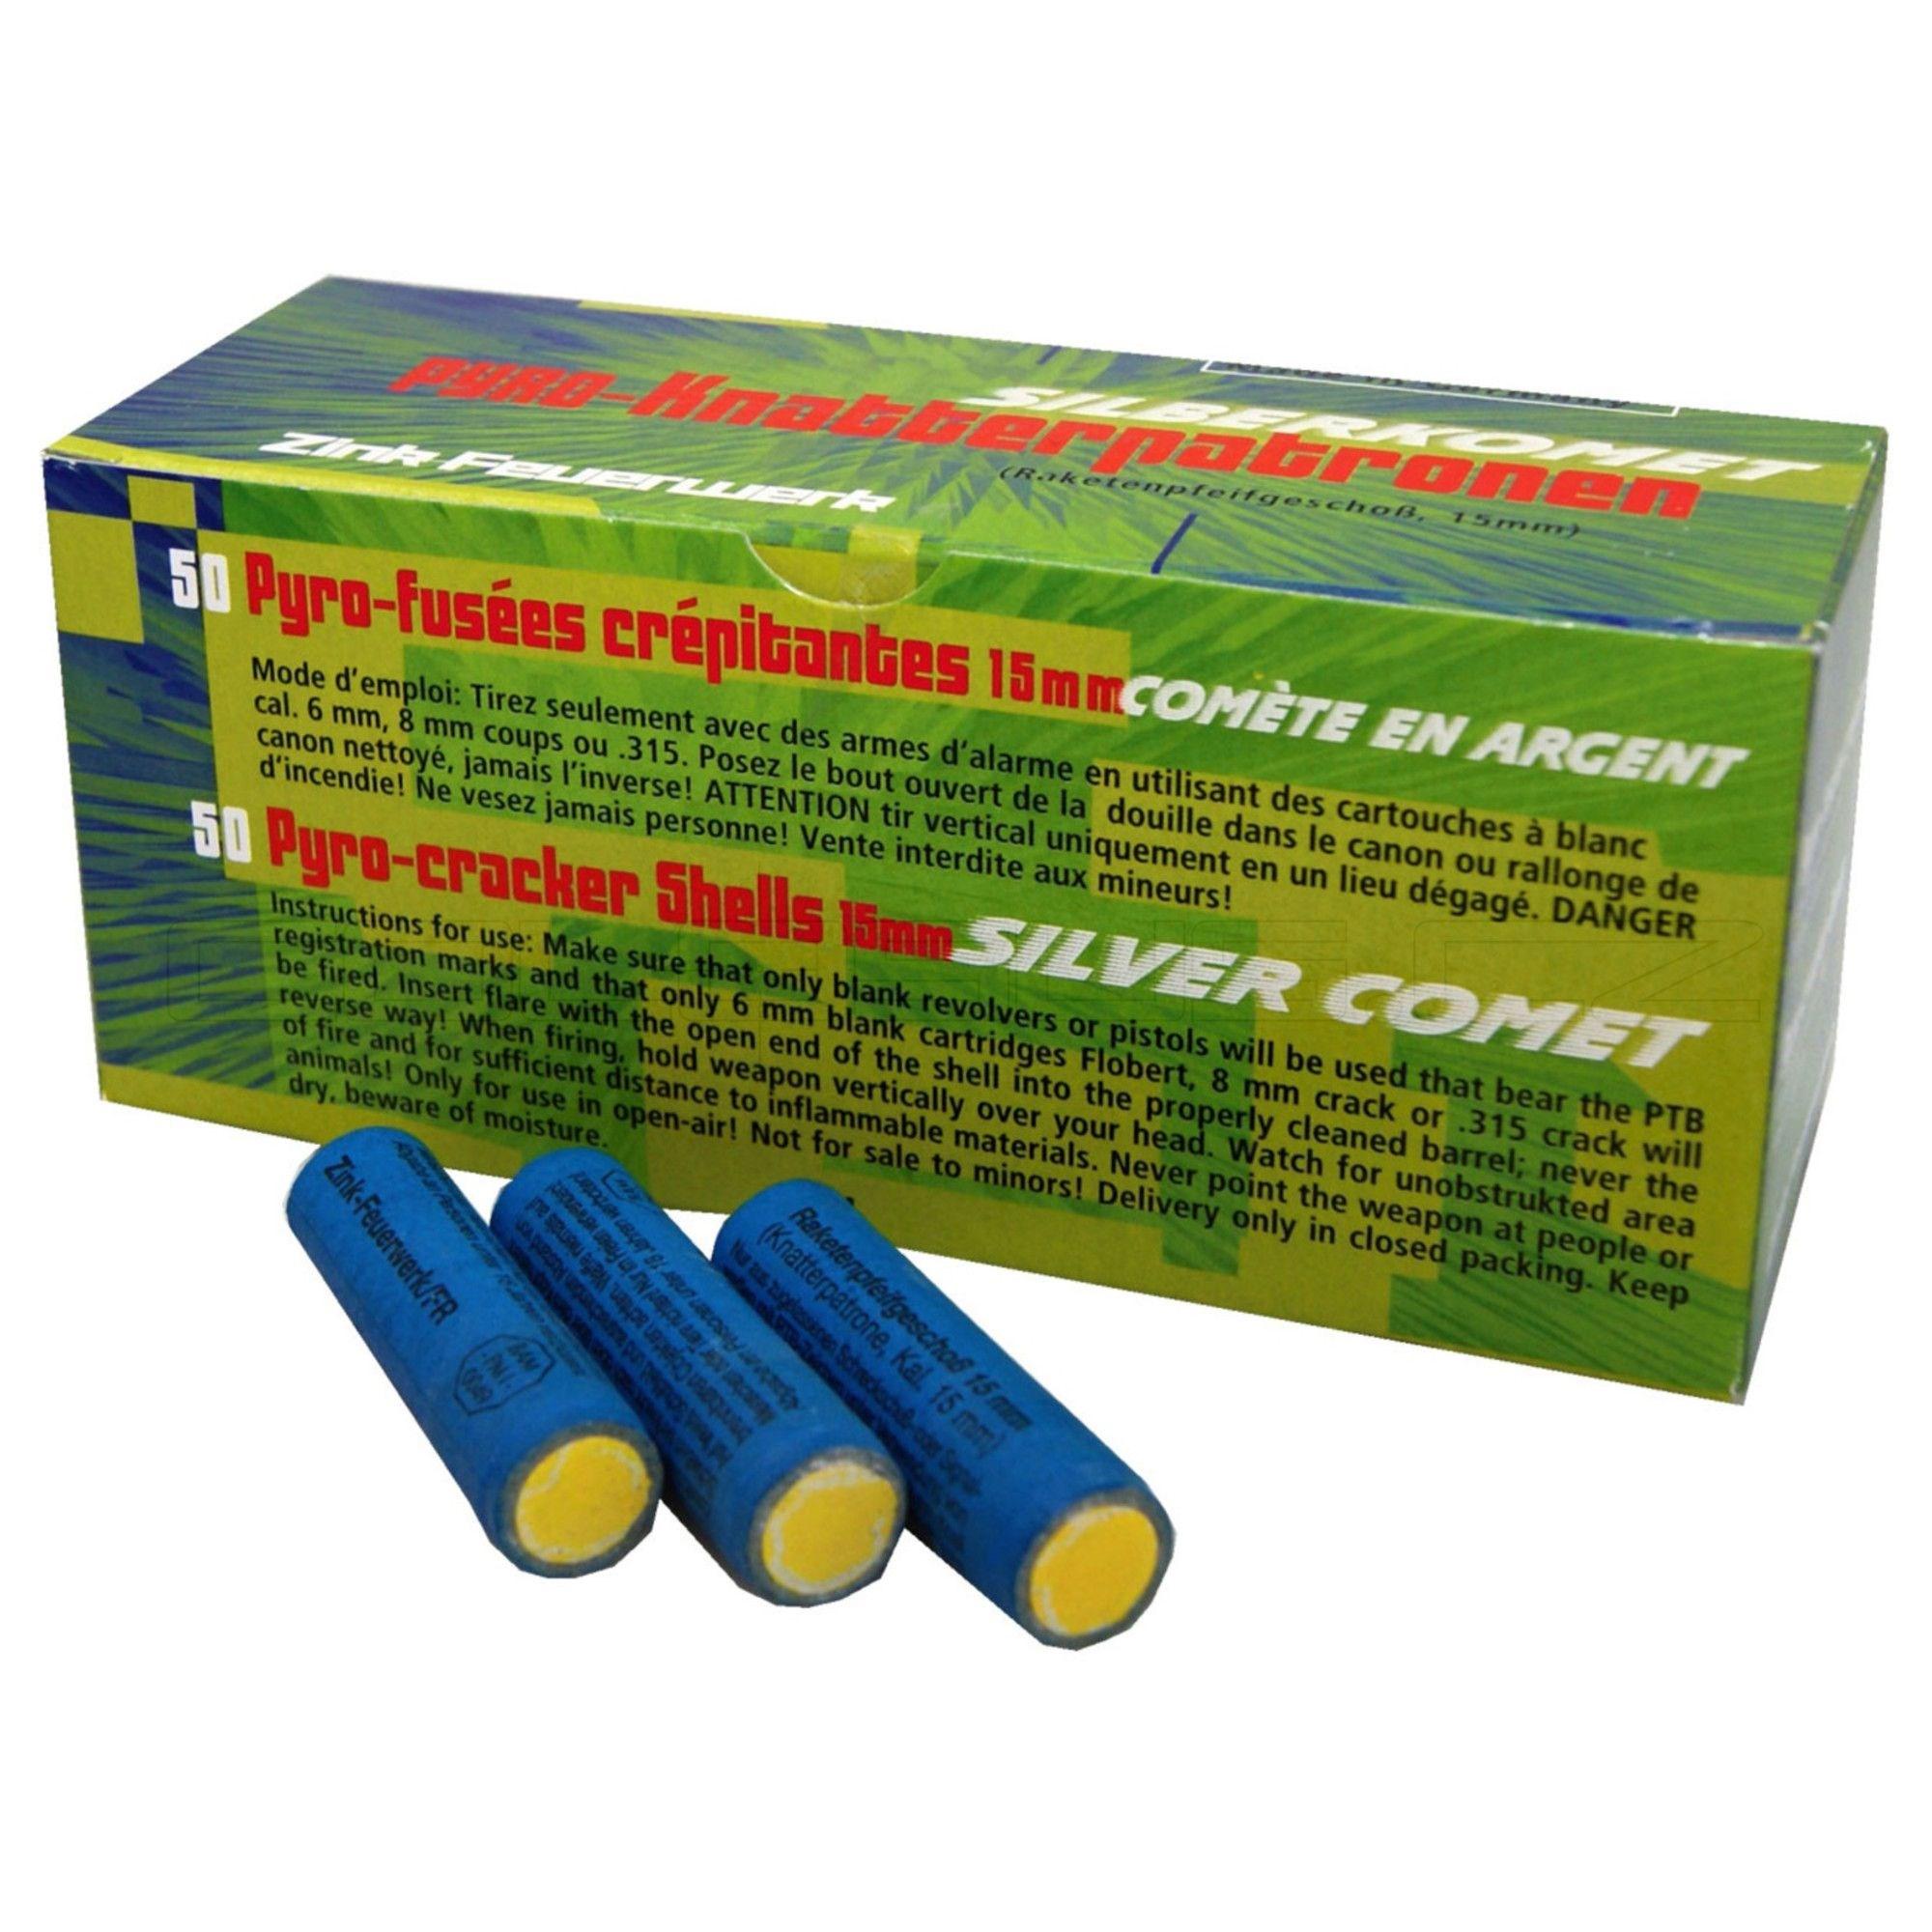 Svìtlice pro plynové pistole ZINK 15mm 50 ks - zvìtšit obrázek